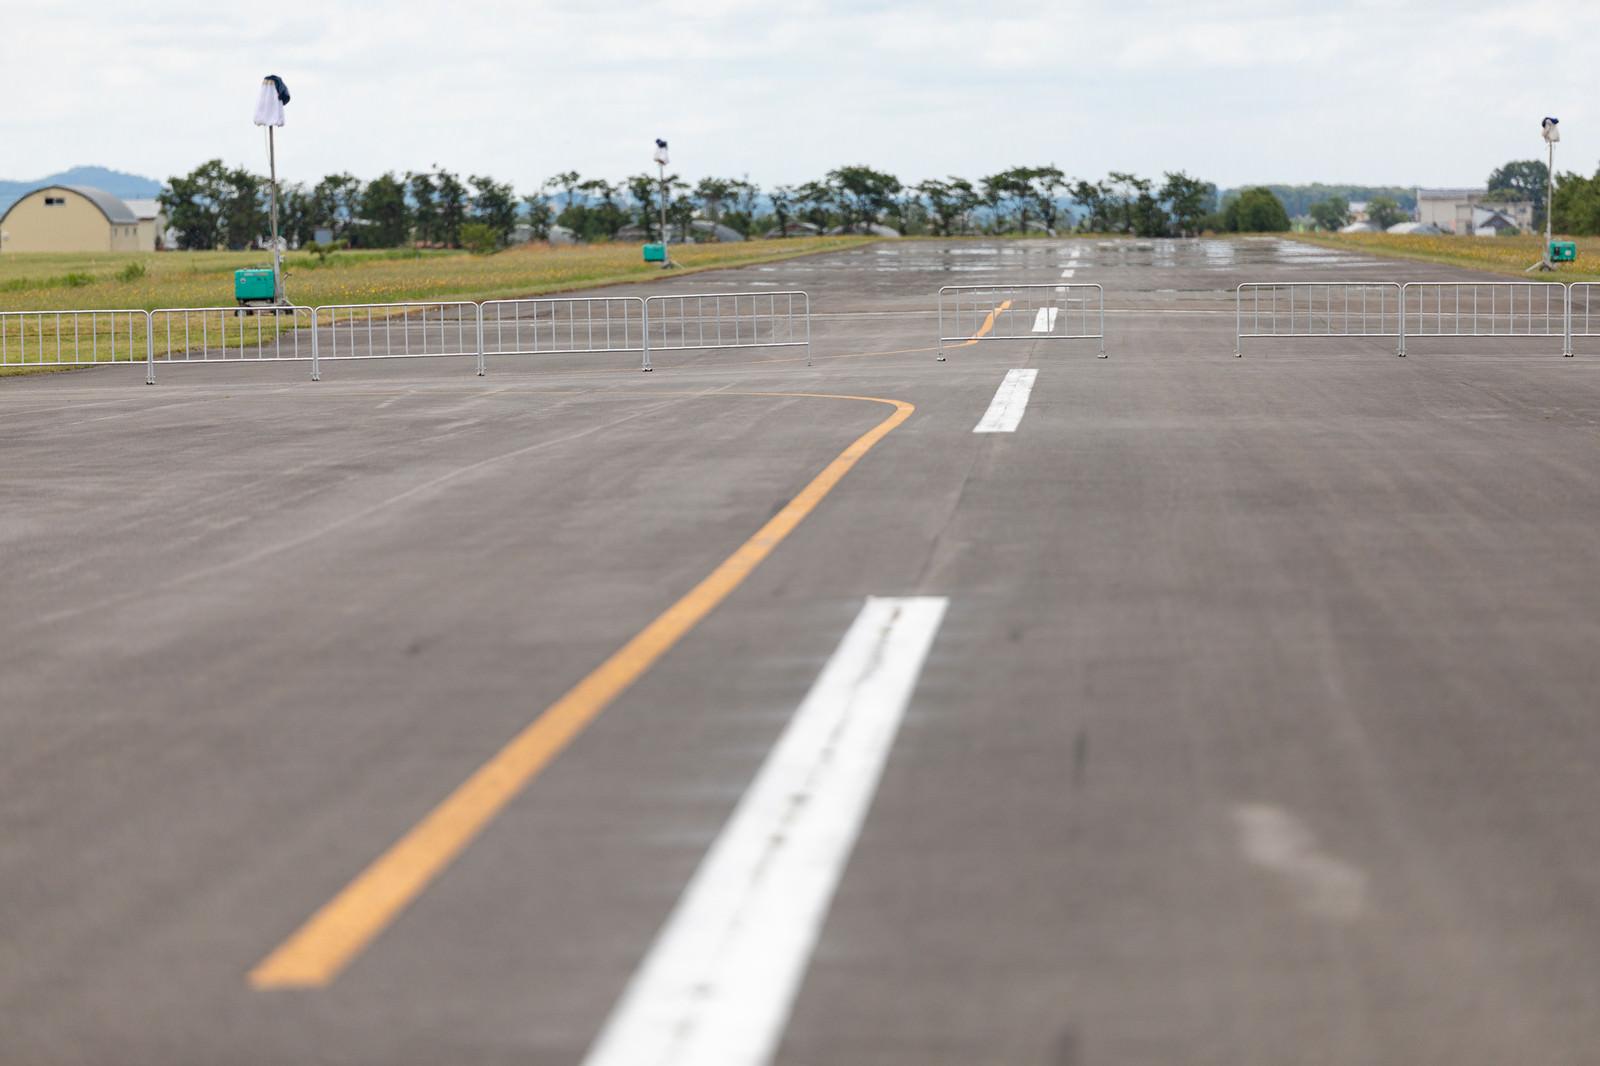 「美唄市農道離着陸場の滑走路」の写真